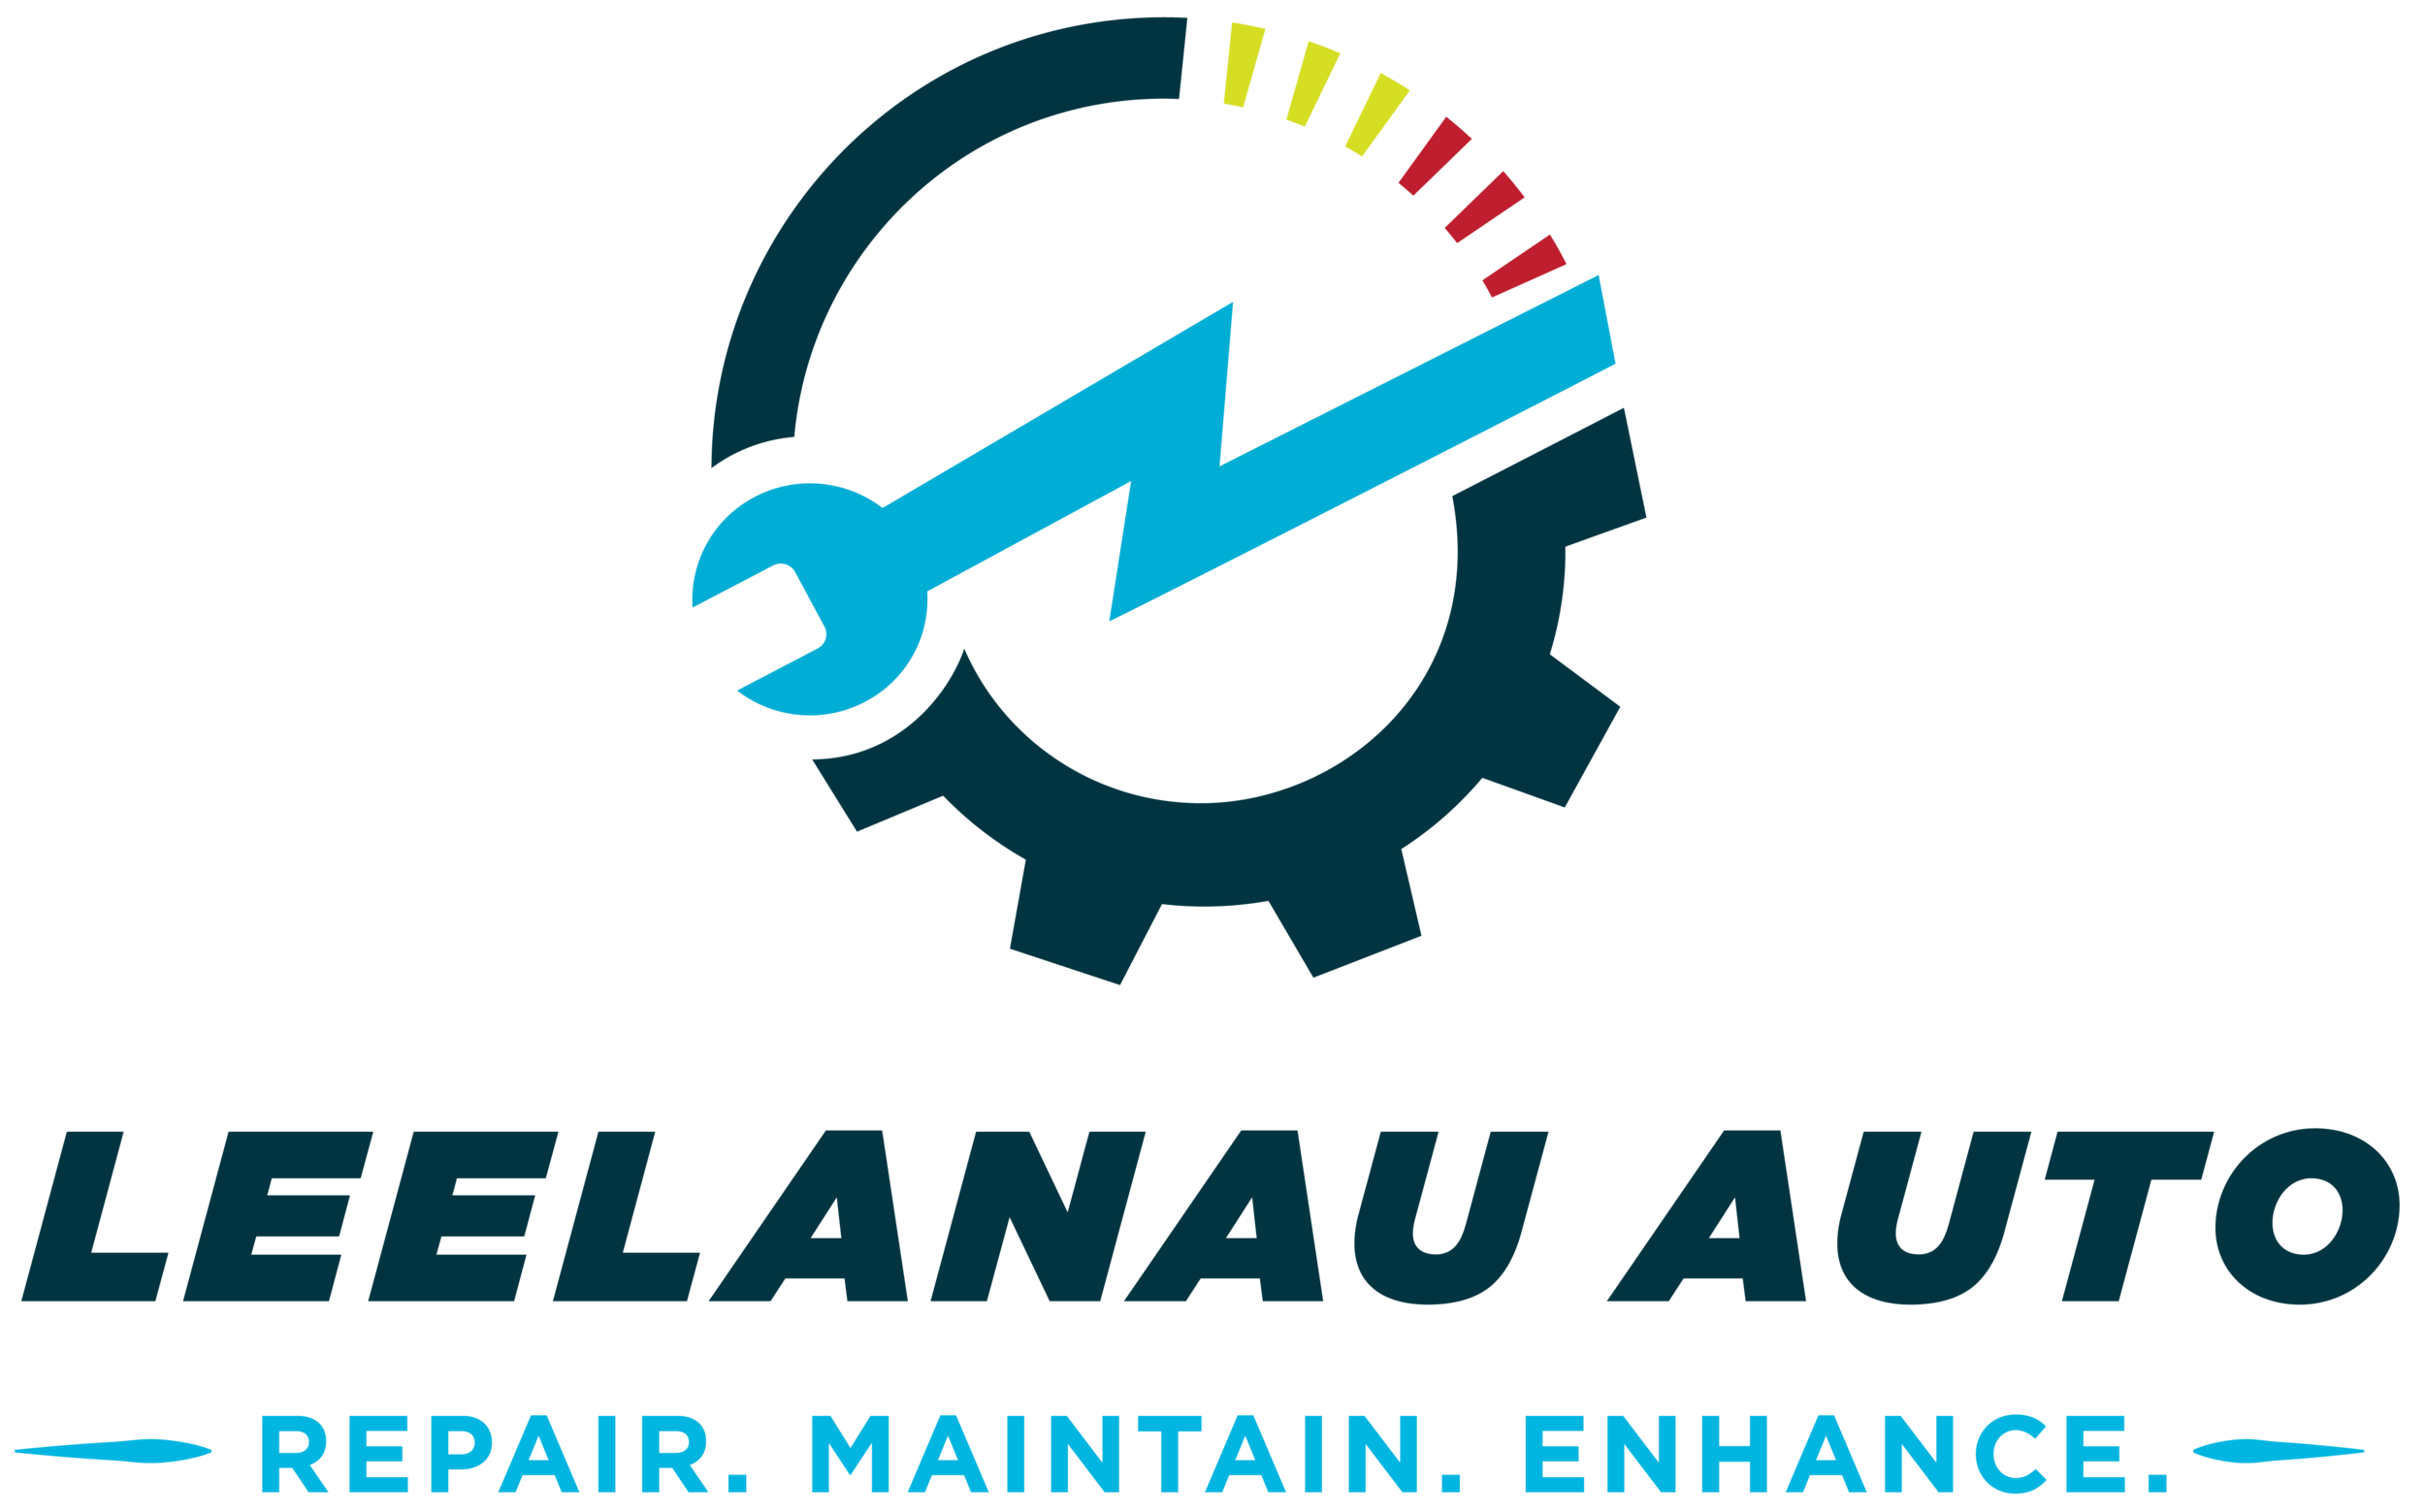 LEELANAUAUTOLOGOS_FINALSFORWEB_RGB-02.png